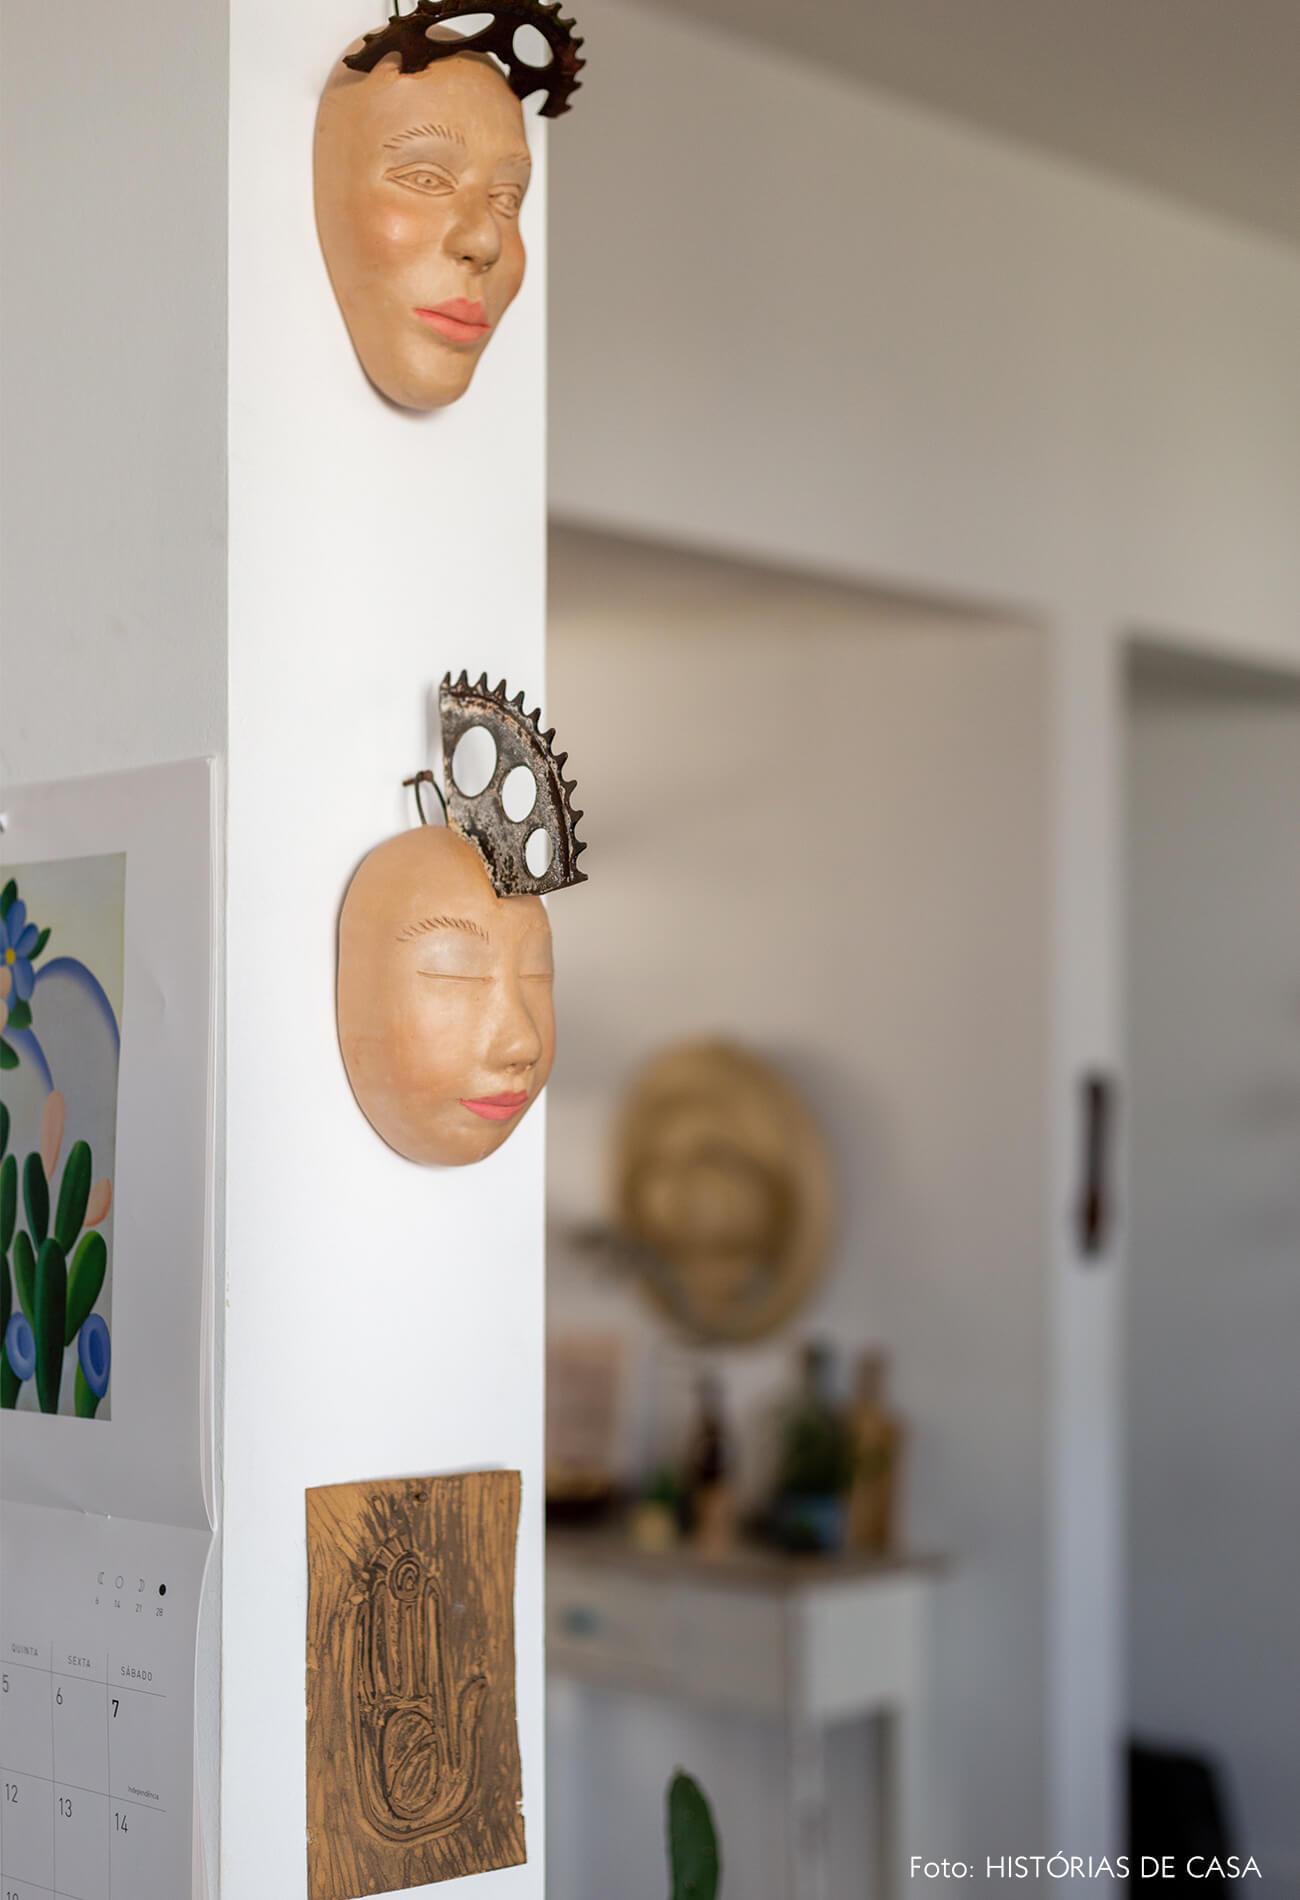 detalhe-de-cabeças-na-parede-do-home-office